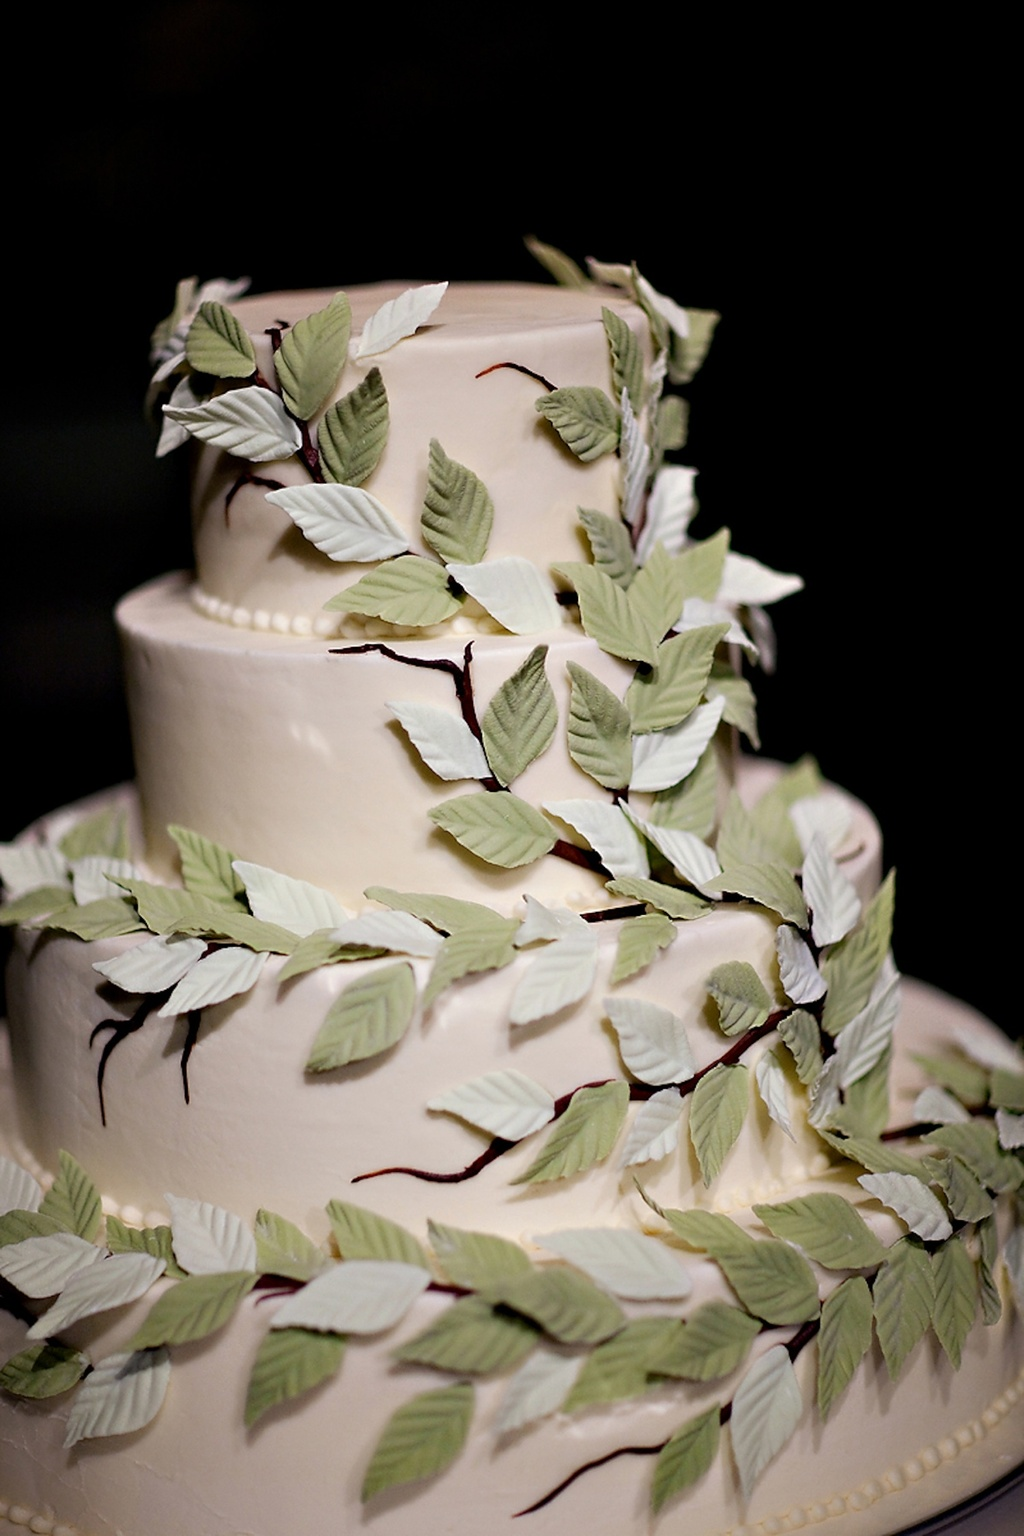 Elegant ivory wedding cake adorned with sugar leafs